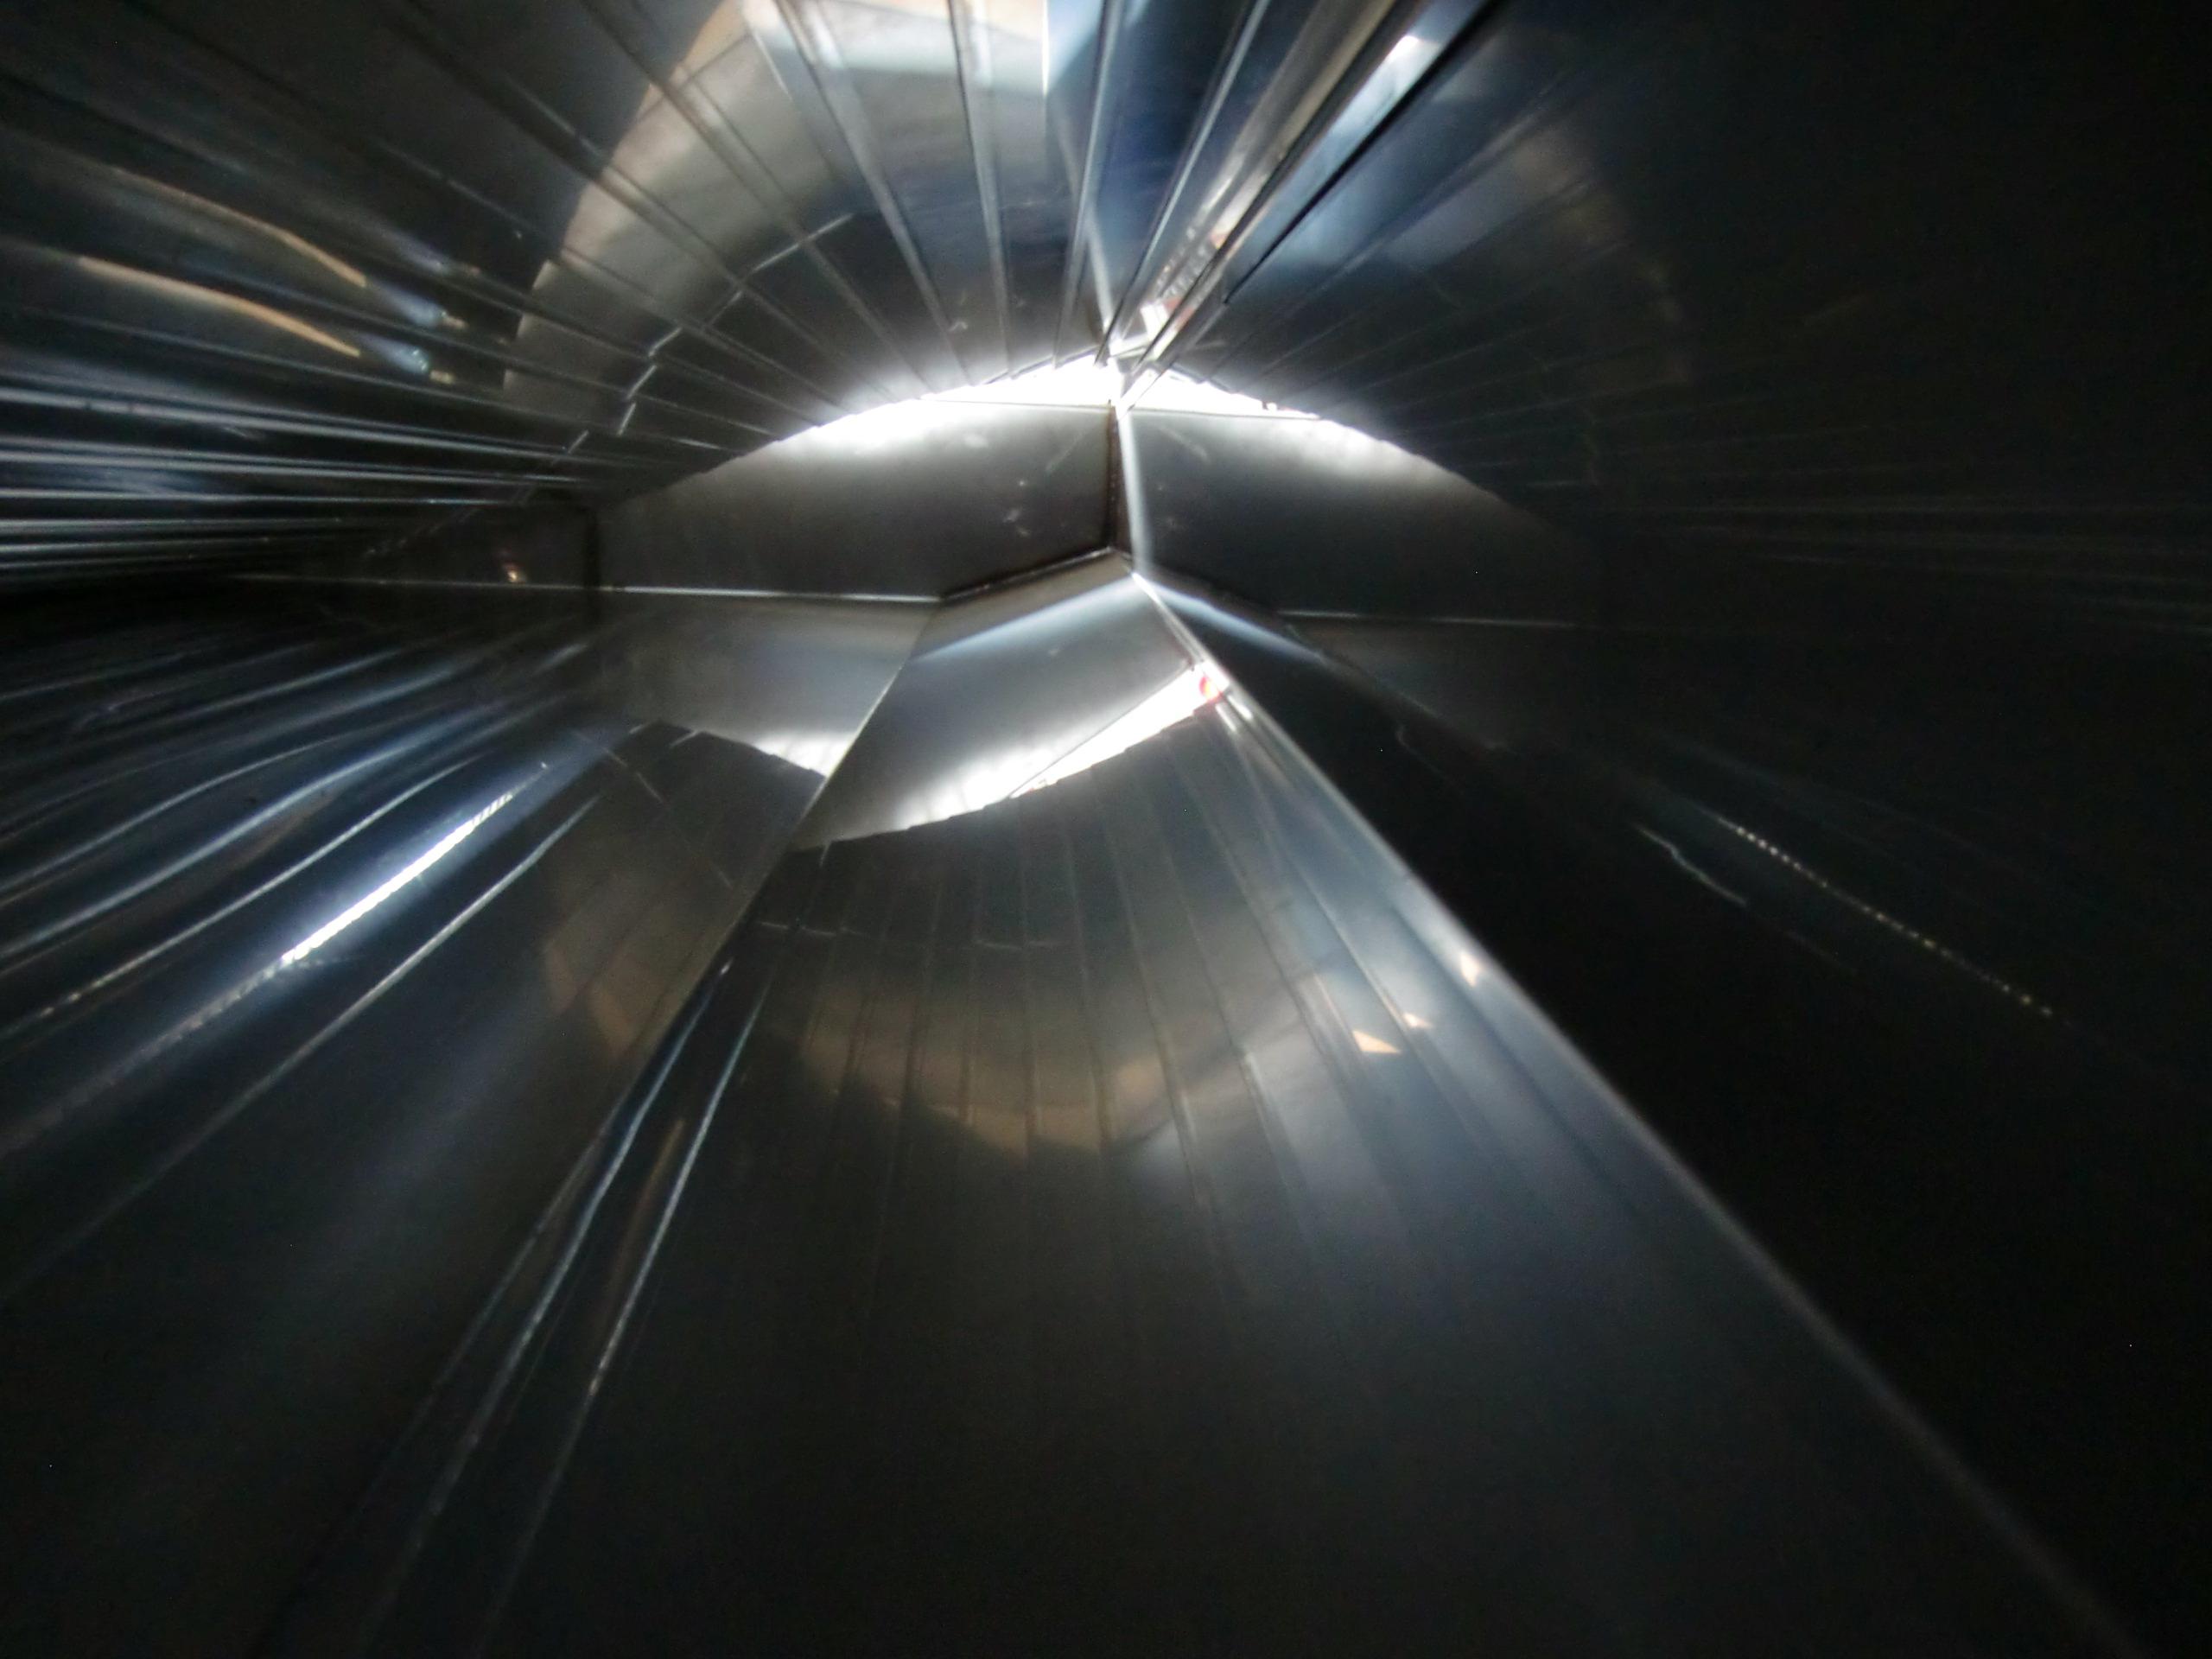 水槽内部:片流れ勾配と端面面取り イメージ